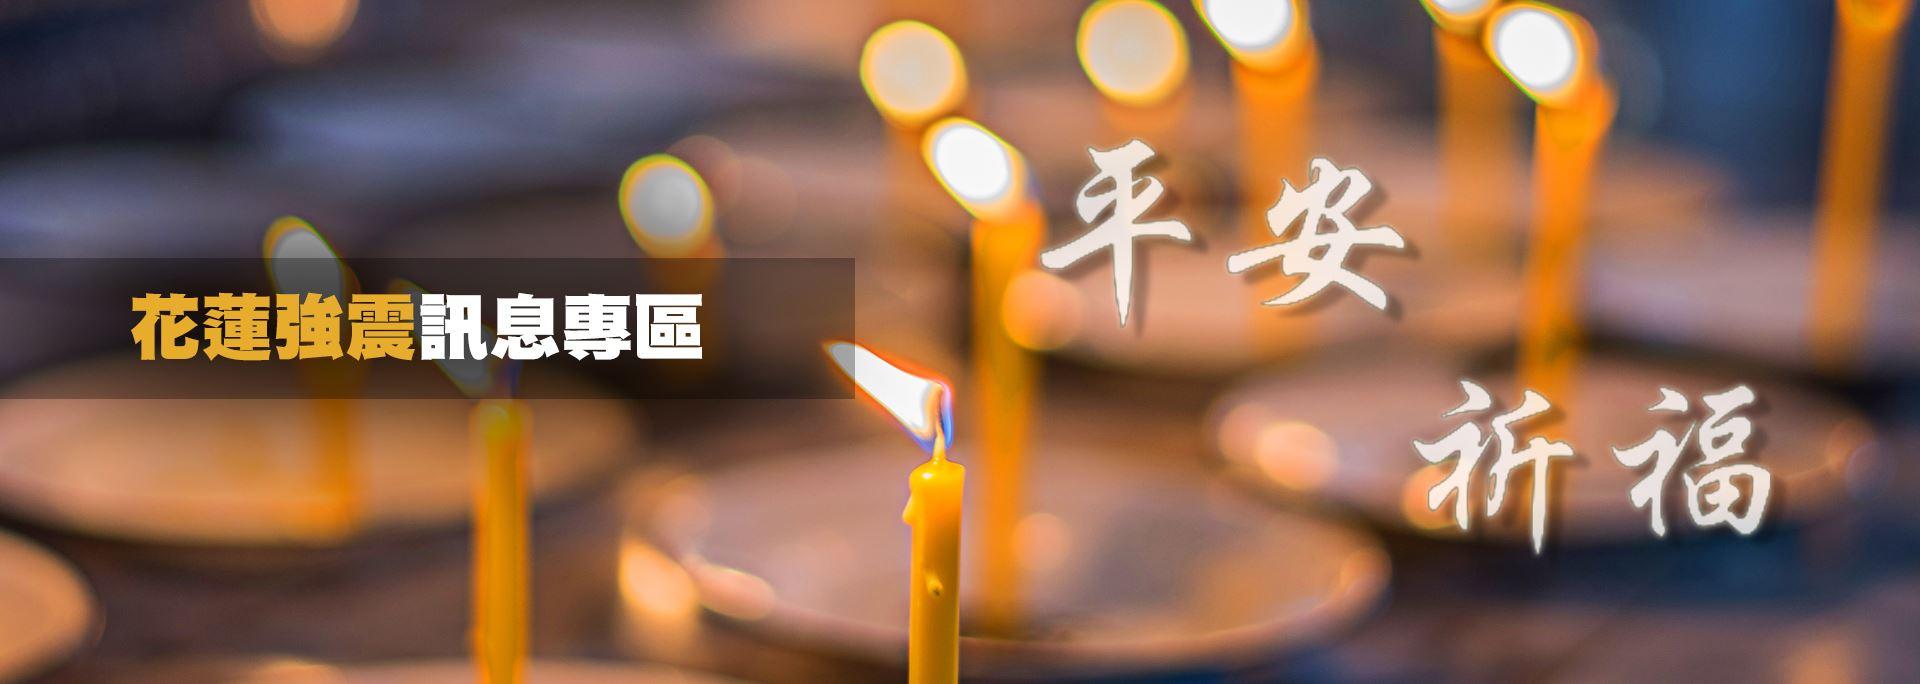 花莲强震讯息专区